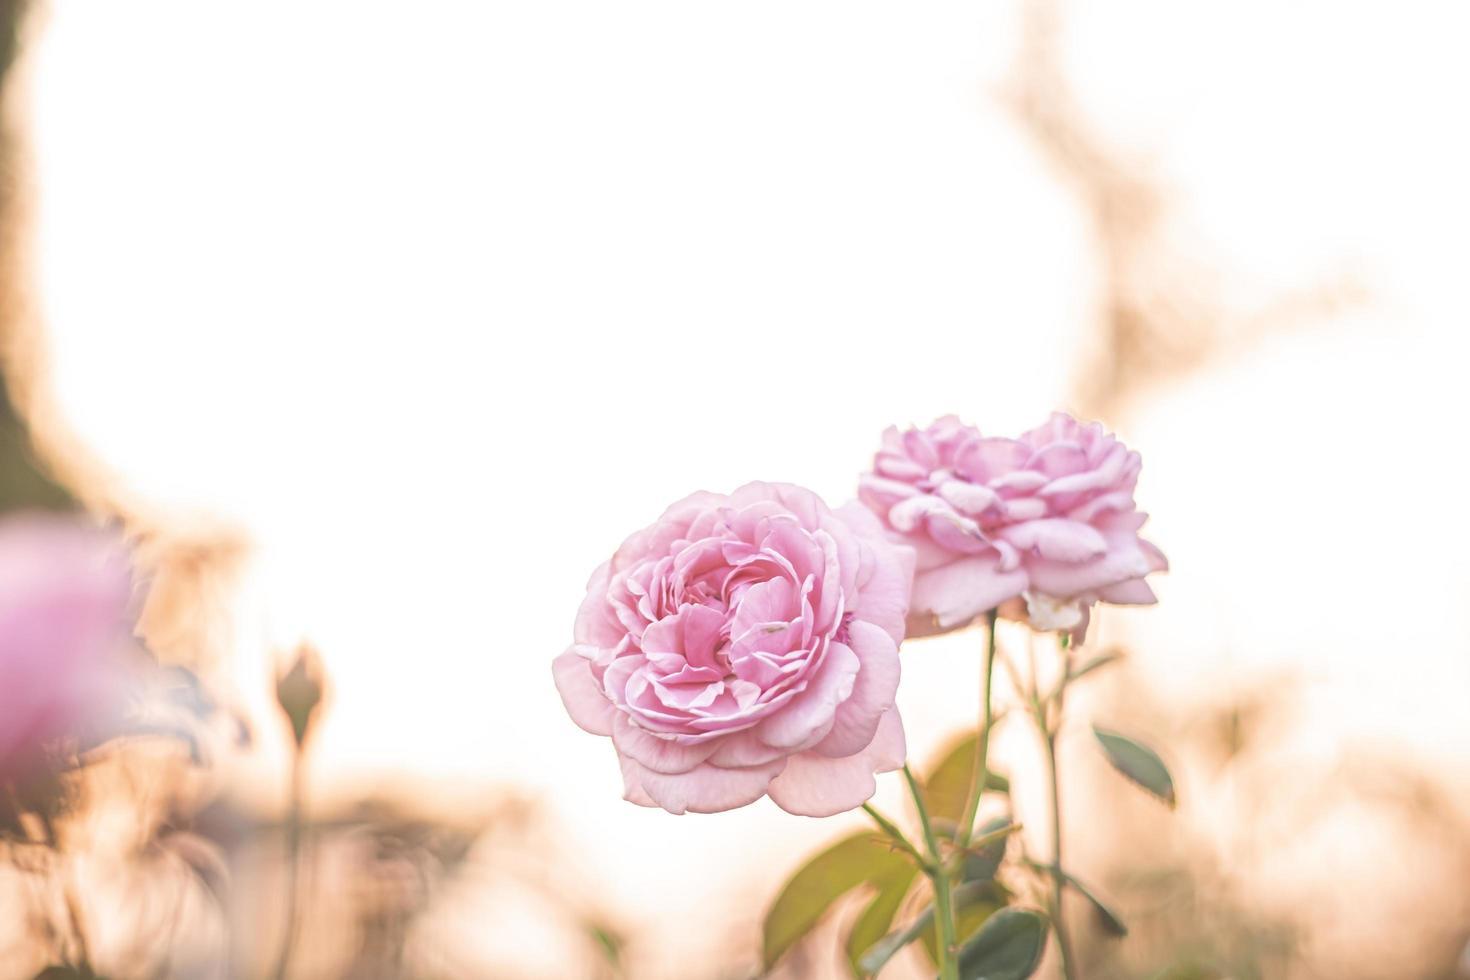 rosa ros i trädgården, ljus solnedgång ljus, blommig bakgrund foto